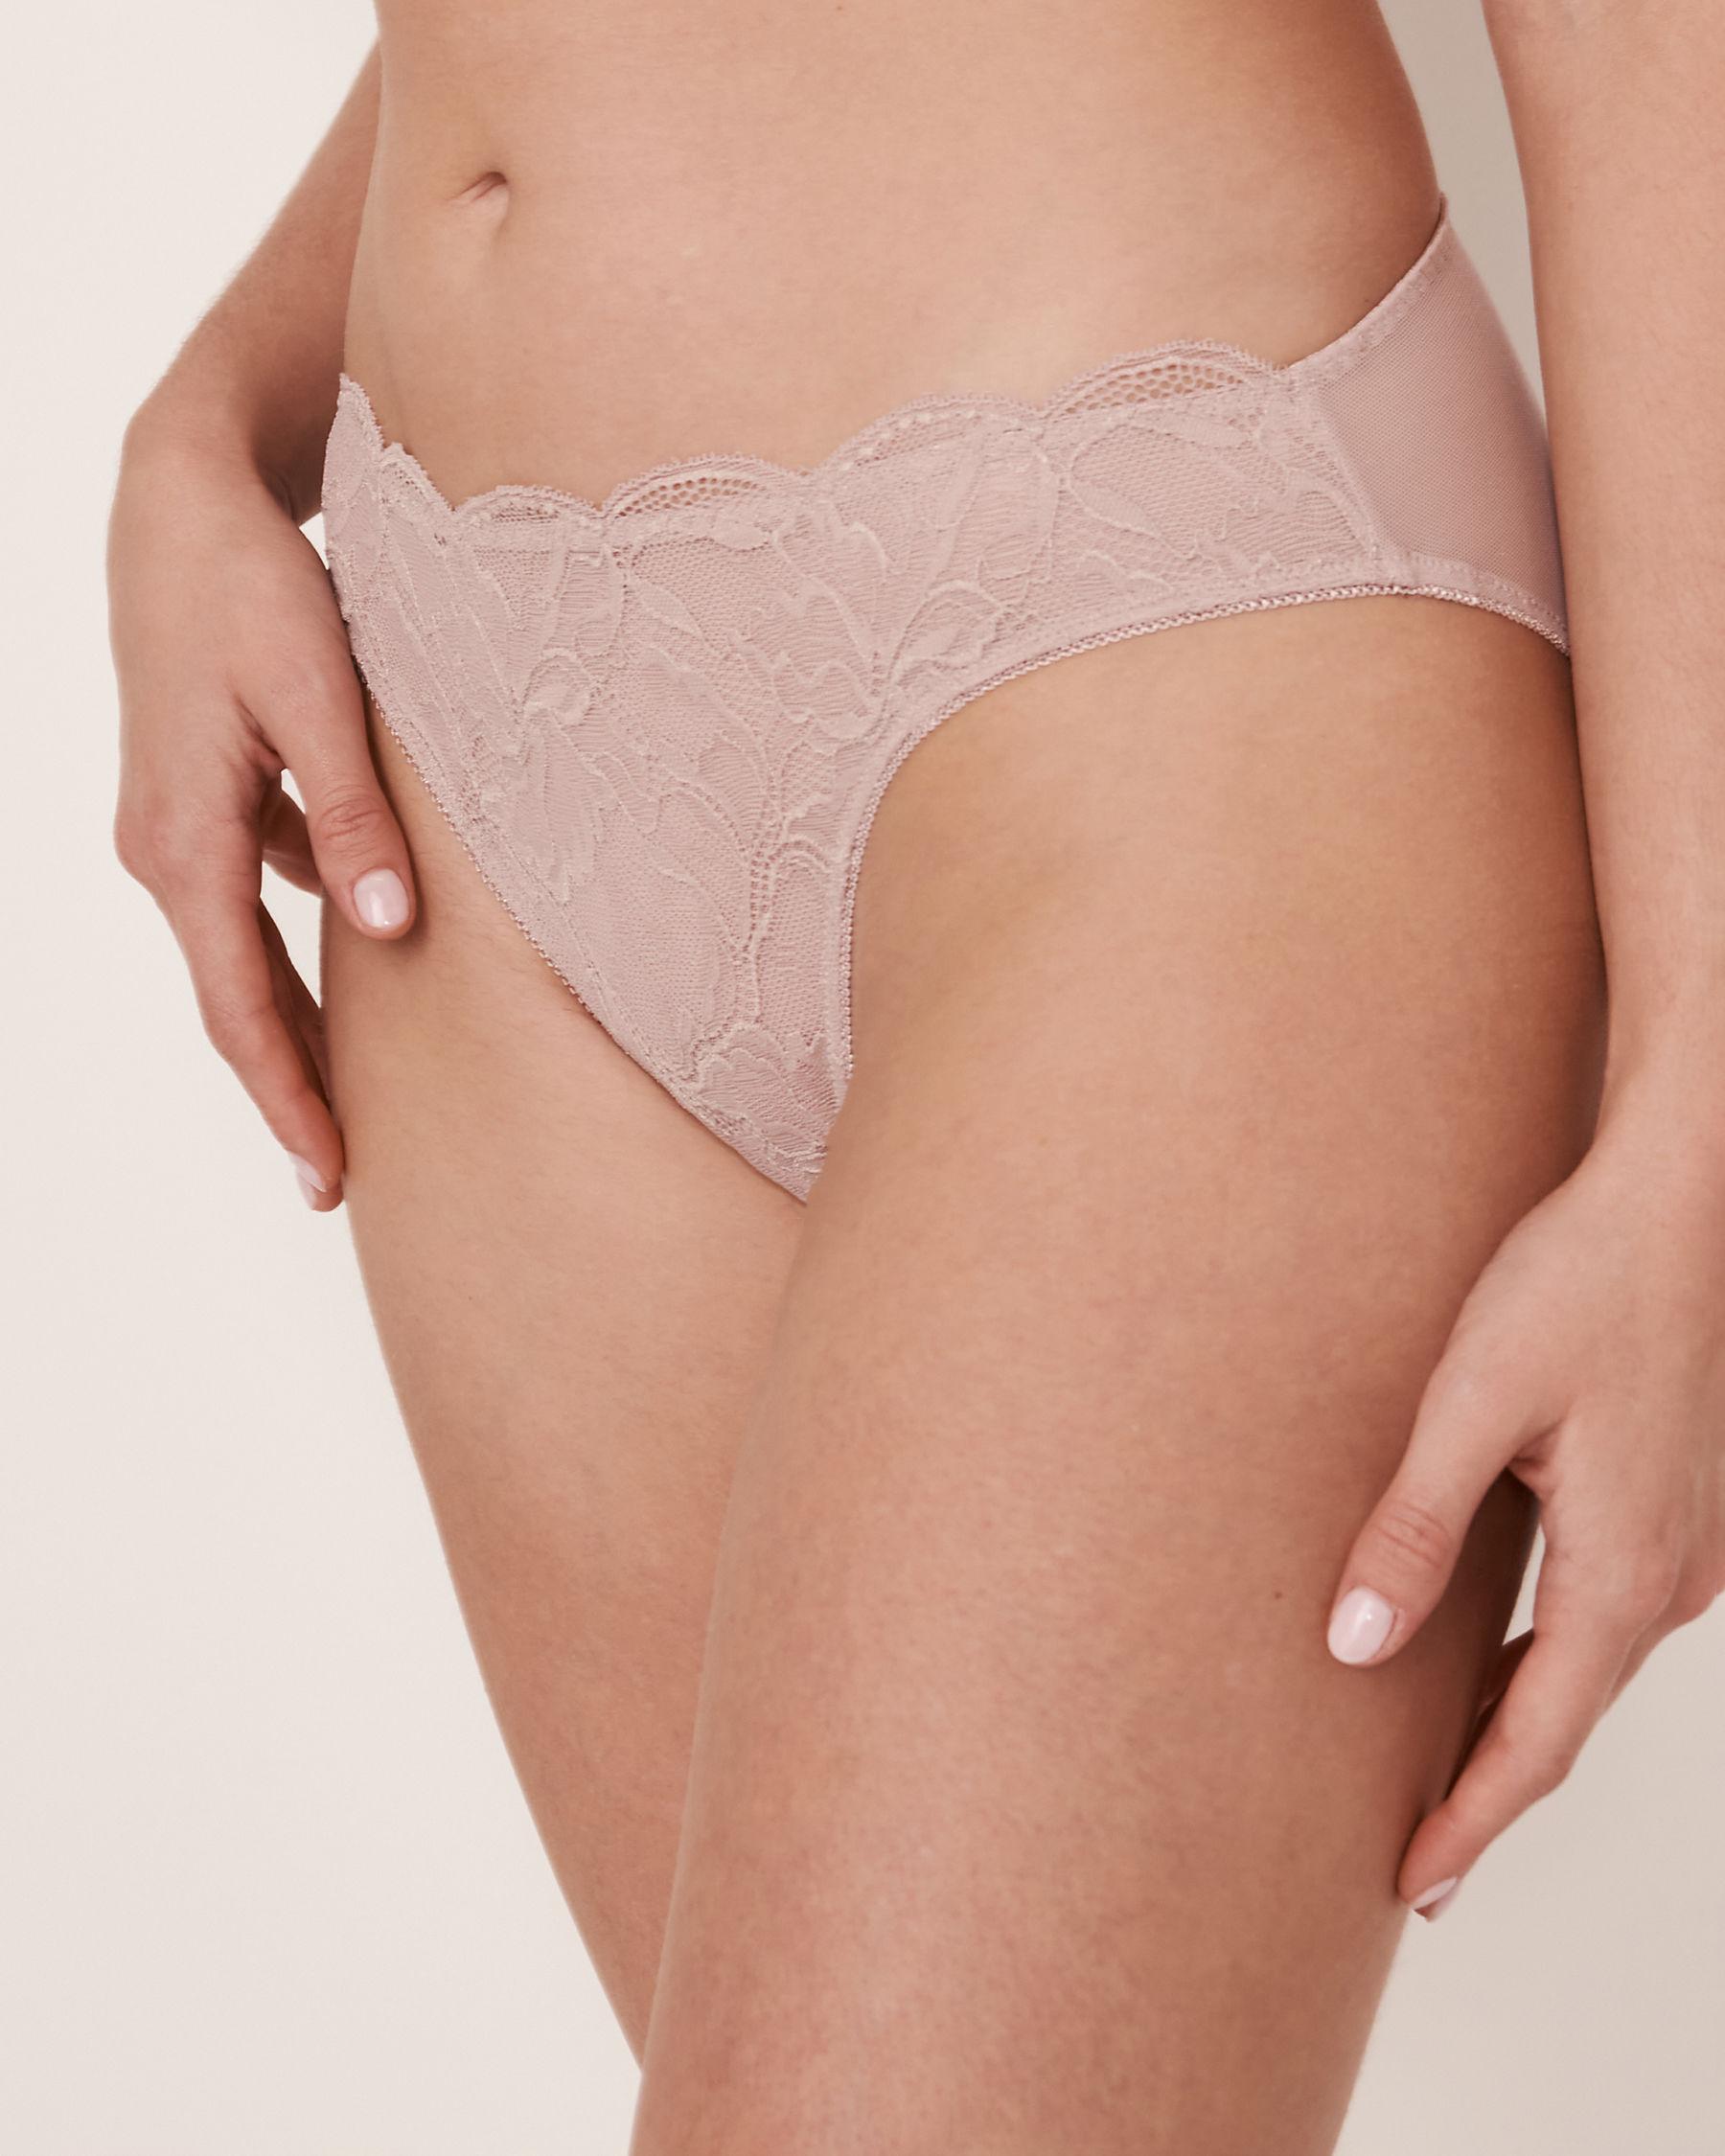 LA VIE EN ROSE Bikini Panty Shadow grey 20200041 - View1